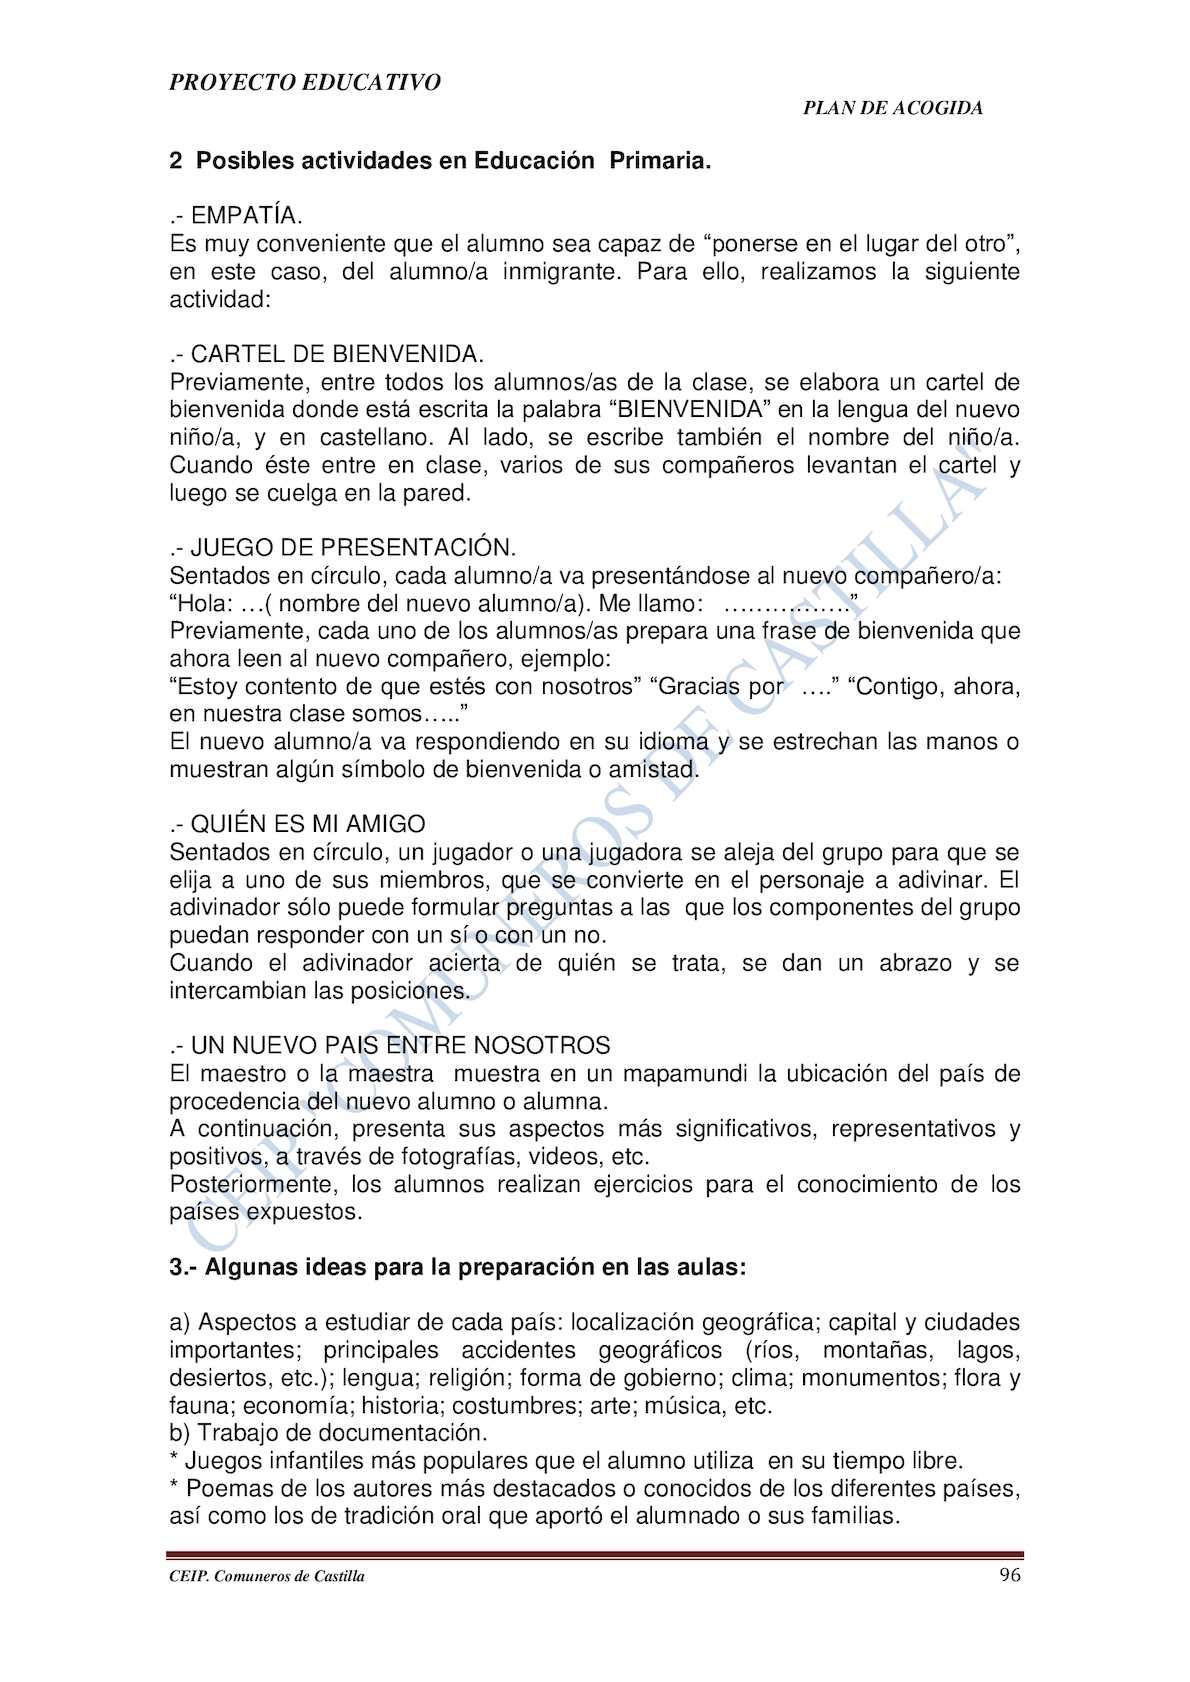 Lujoso Reanudar La Muestra De La Posición De Tutoría Friso - Ejemplo ...